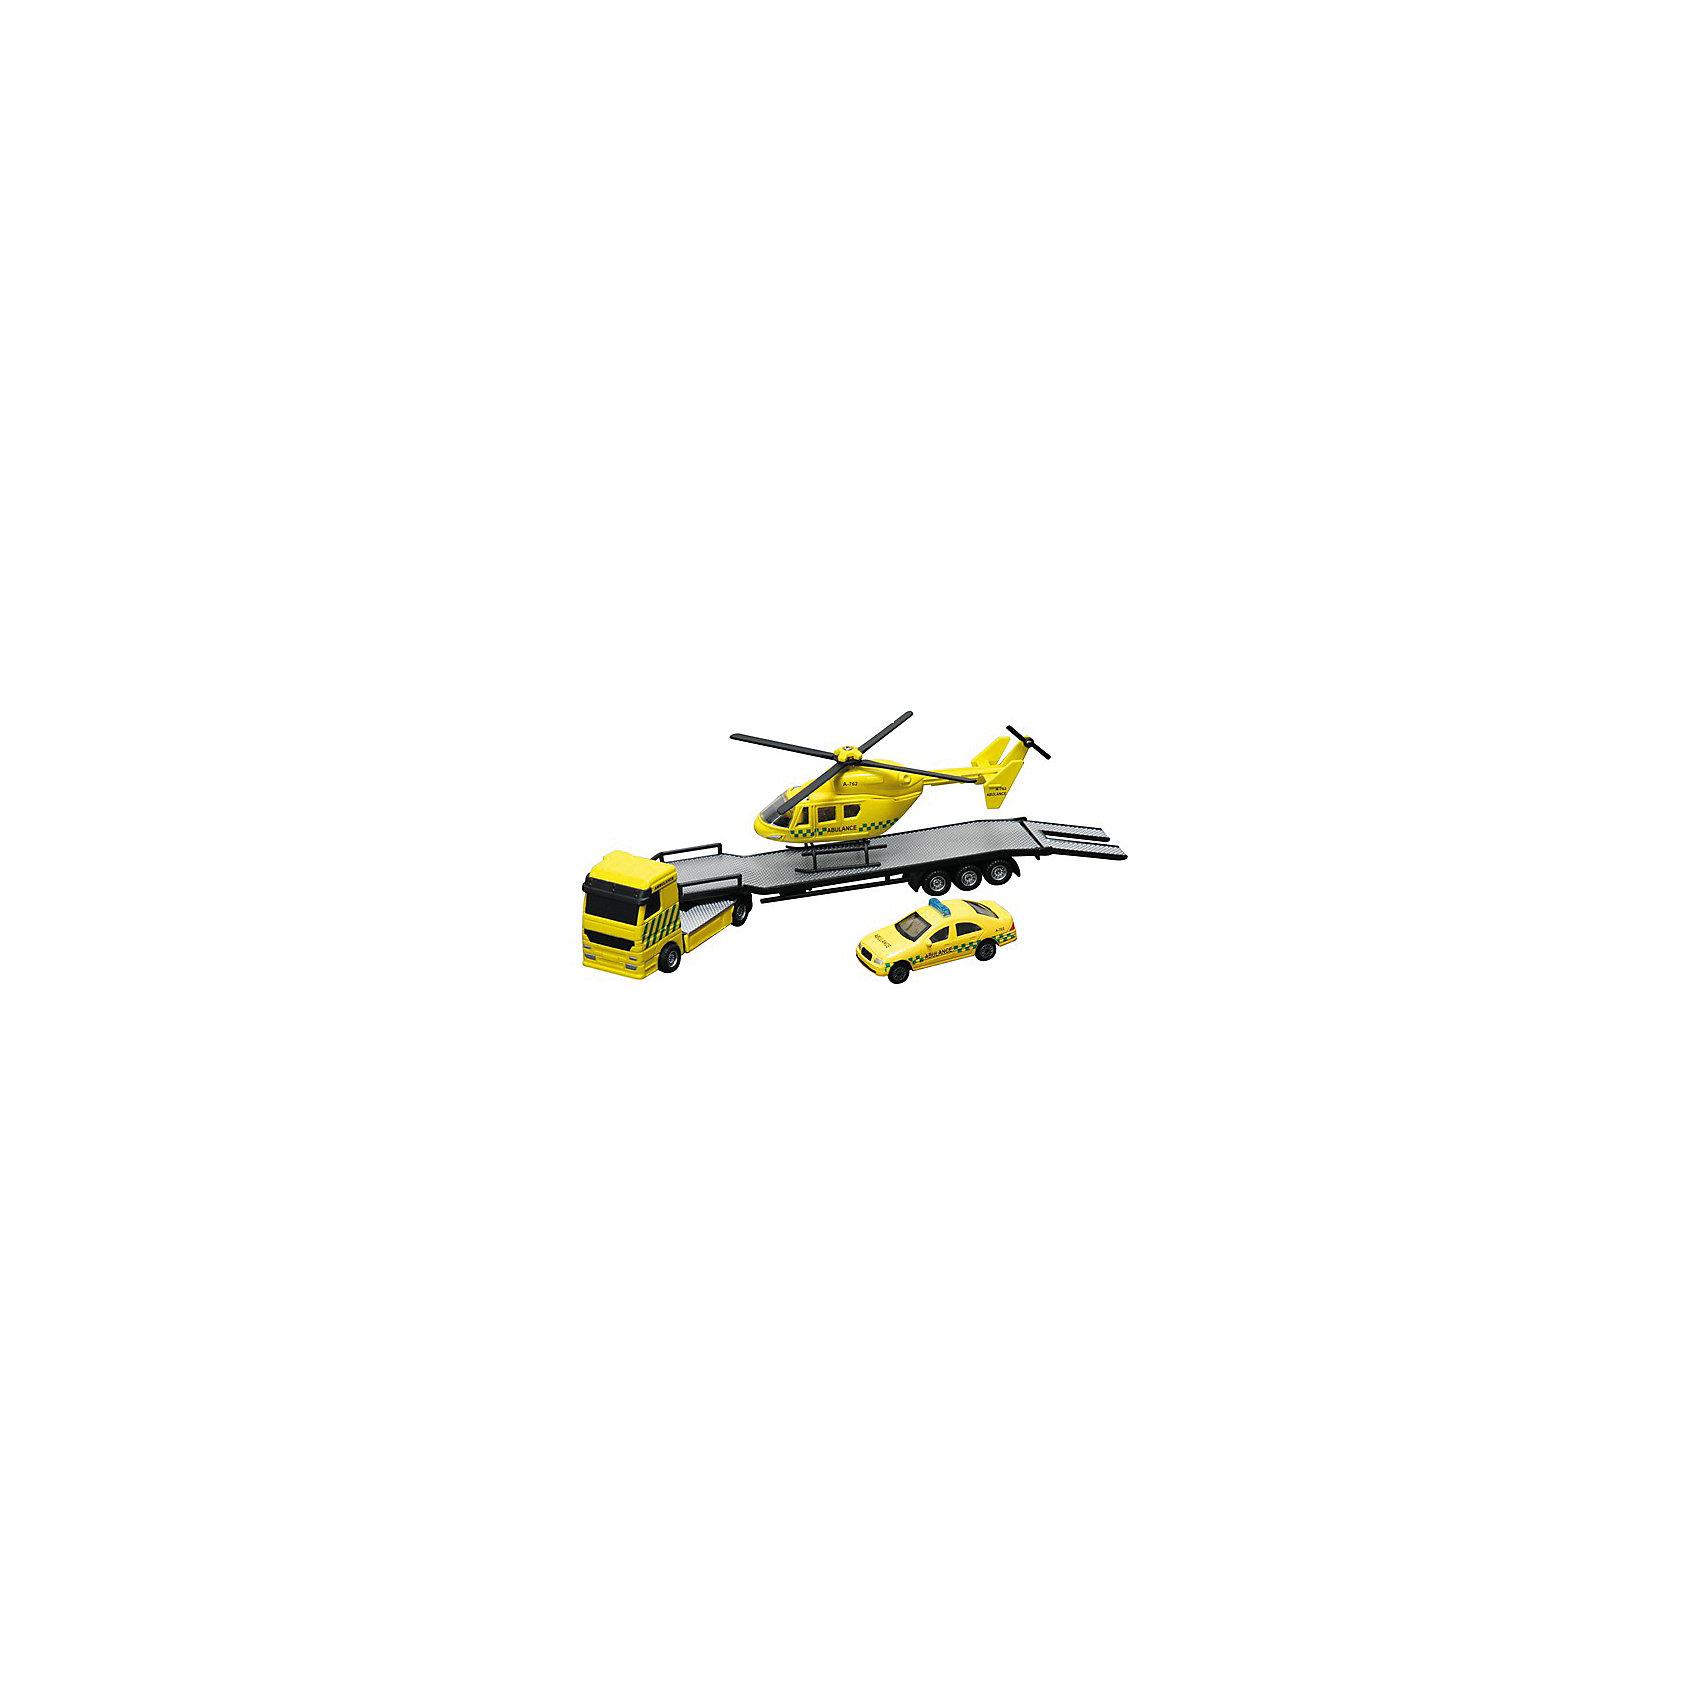 Перевозчик с машиной и вертолетом,  HTl GrоuрИгра в машинки это не только прекрасное развлечение для мальчиков, но и способ развить моторику, опорно-двигательный аппарат, логическое мышление, координацию. Важно, чтобы игрушки были безопасны для малышей, качественно выполнены, чтобы не сломаться в первый же день и не вызвать слез и досады у ребенка. <br>Всем этим требованиям отвечают машинки компании HTI. Высокие европейские стандарты залог высокого качества. <br><br>Дополнительная информация:<br><br>Комплект: перевозчик, вертолет, легковой автомобиль.<br>Материал: пластик.<br><br>Перевозчик с машиной и вертолетом,  HTl Grоuр можно купить в нашем магазине.<br><br>Ширина мм: 29<br>Глубина мм: 5<br>Высота мм: 9<br>Вес г: 170<br>Возраст от месяцев: 36<br>Возраст до месяцев: 96<br>Пол: Мужской<br>Возраст: Детский<br>SKU: 4574054